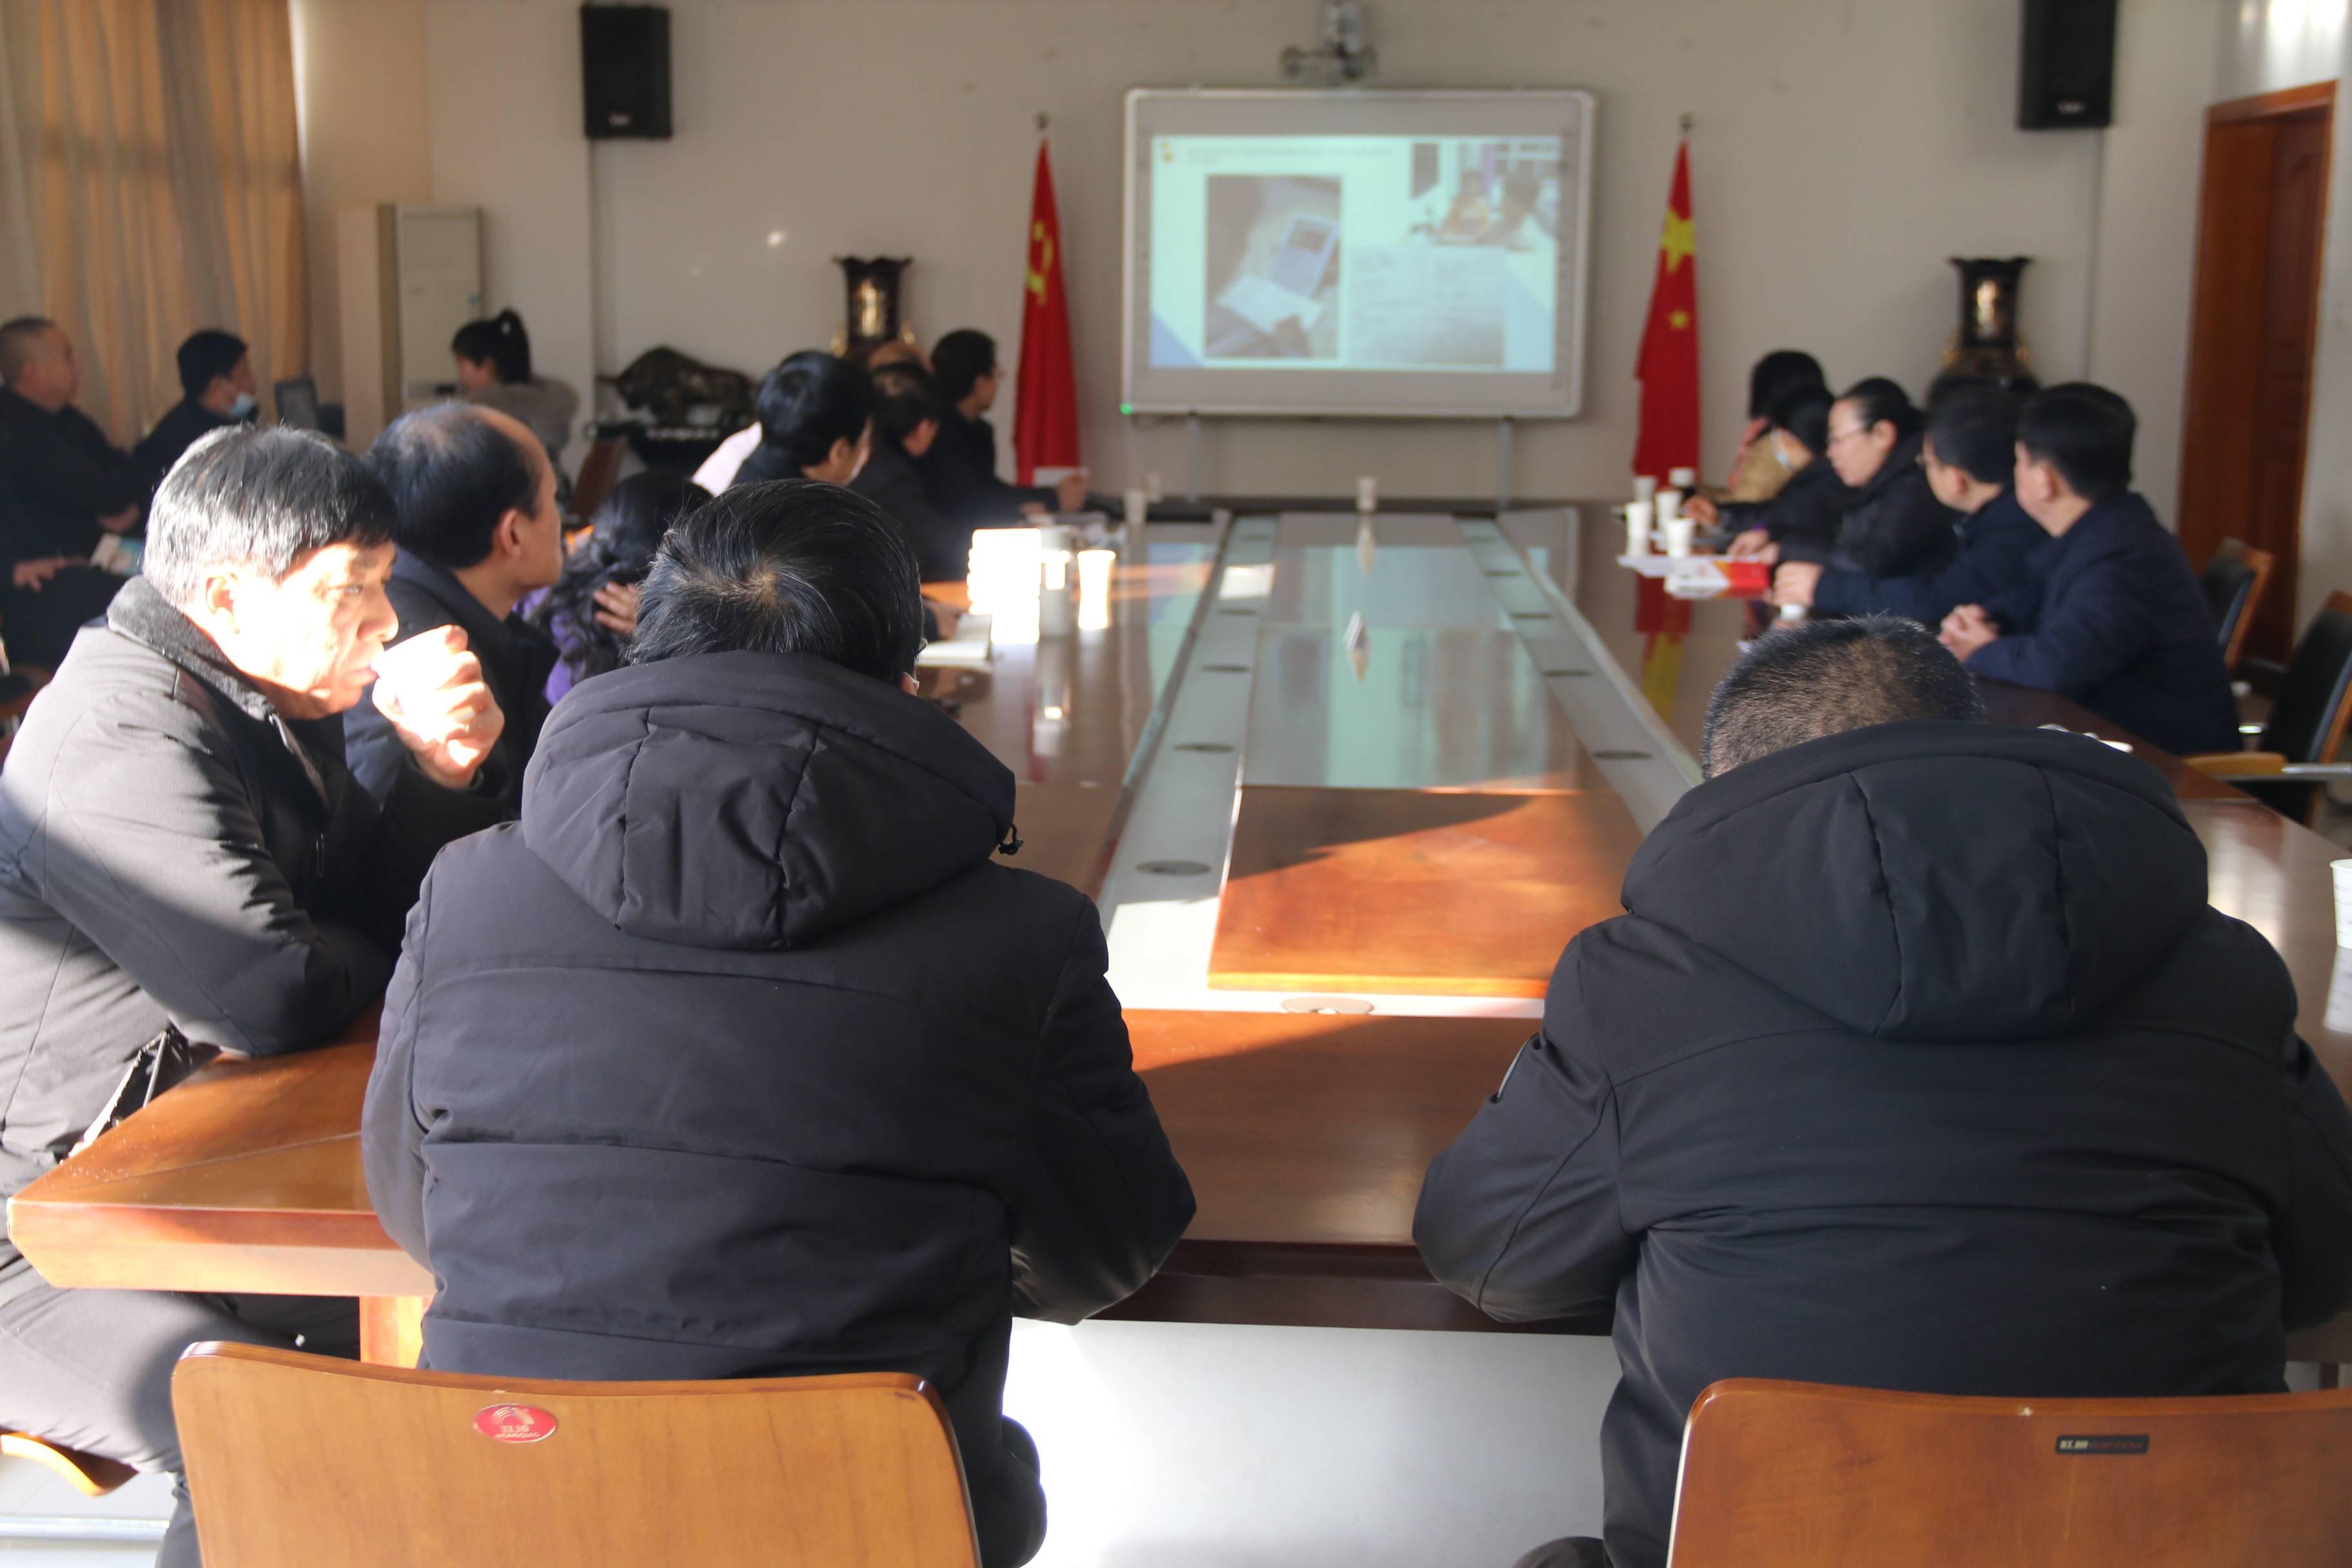 濮阳市第八中学迎来南乐县考察团  第2张